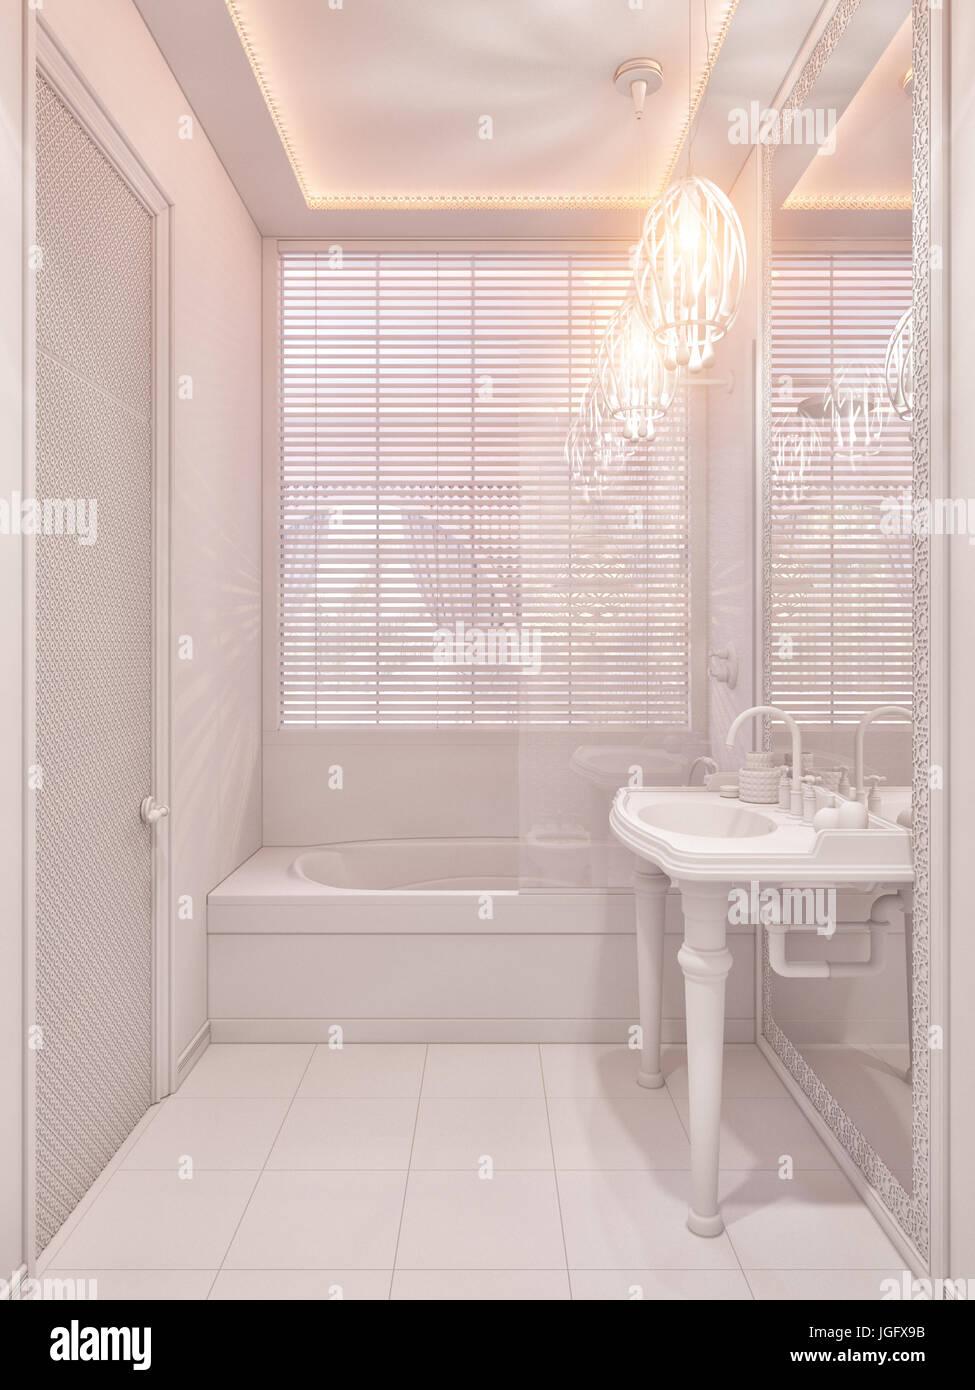 Illustration 3d Salle De Bains Conception Int Rieure D Une Chambre D